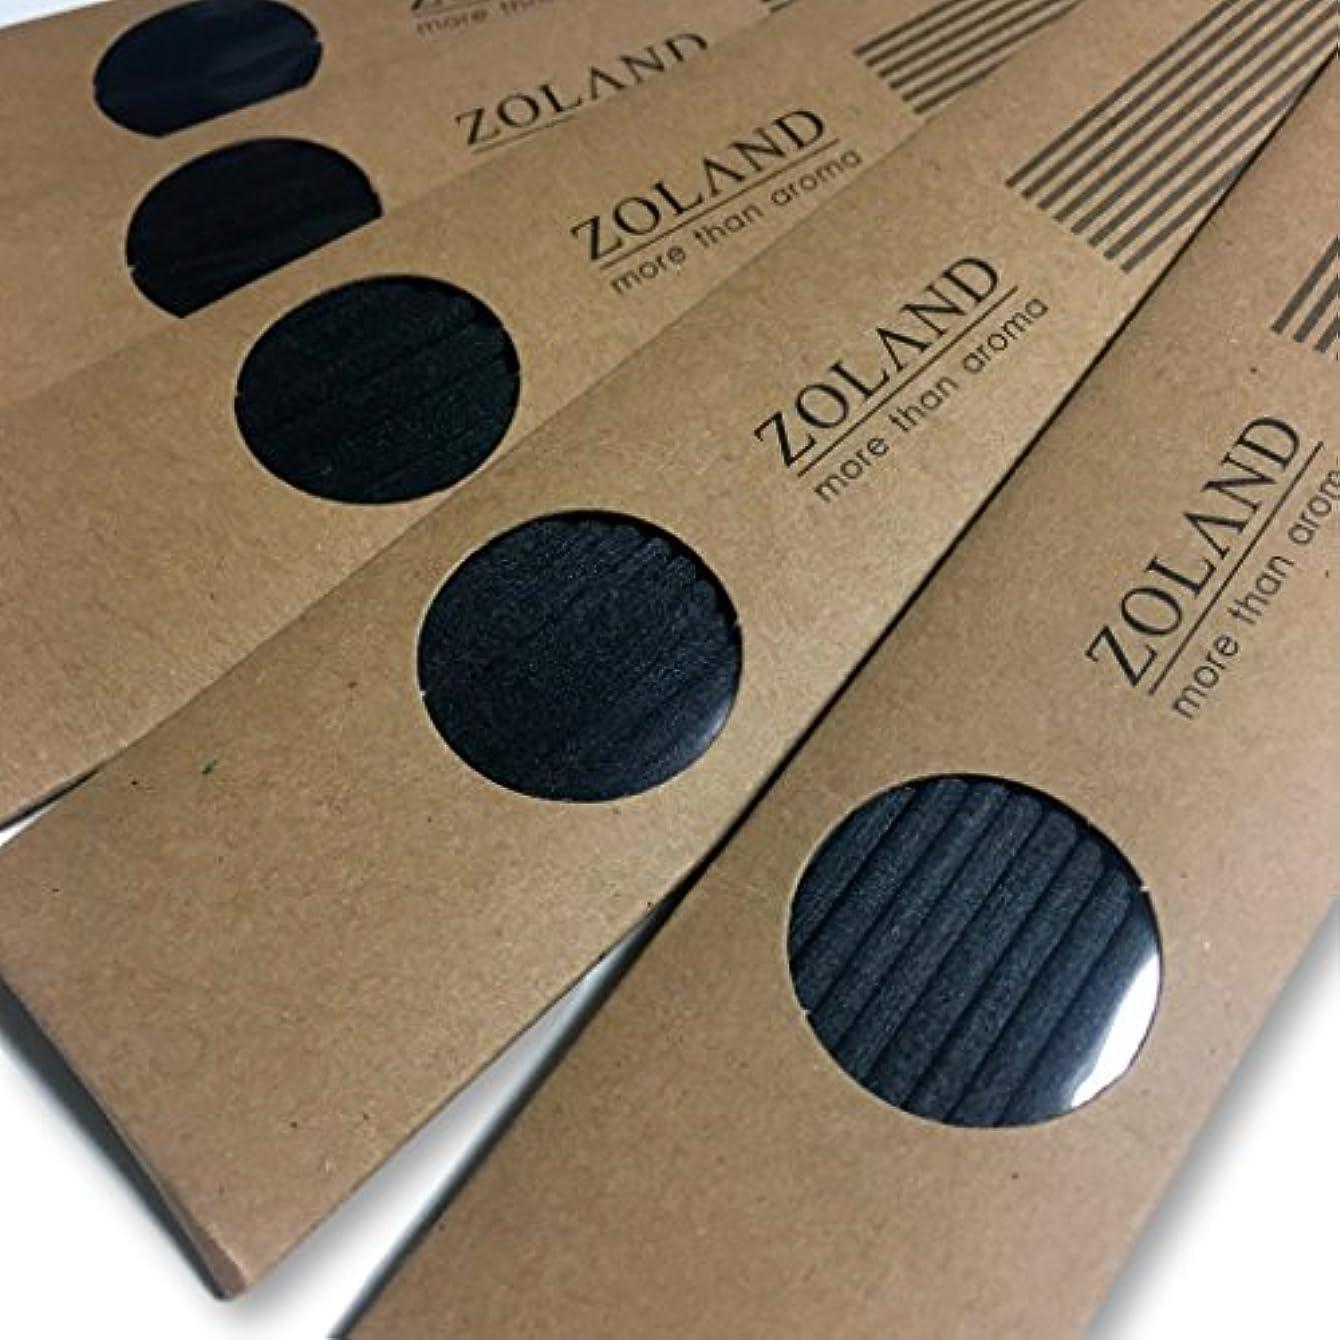 強化伝えるプット【YOLO】リードディフューザー 用 リフィル スティック/ブラック 24cm×3mm 10本入×5セット (ブラック)